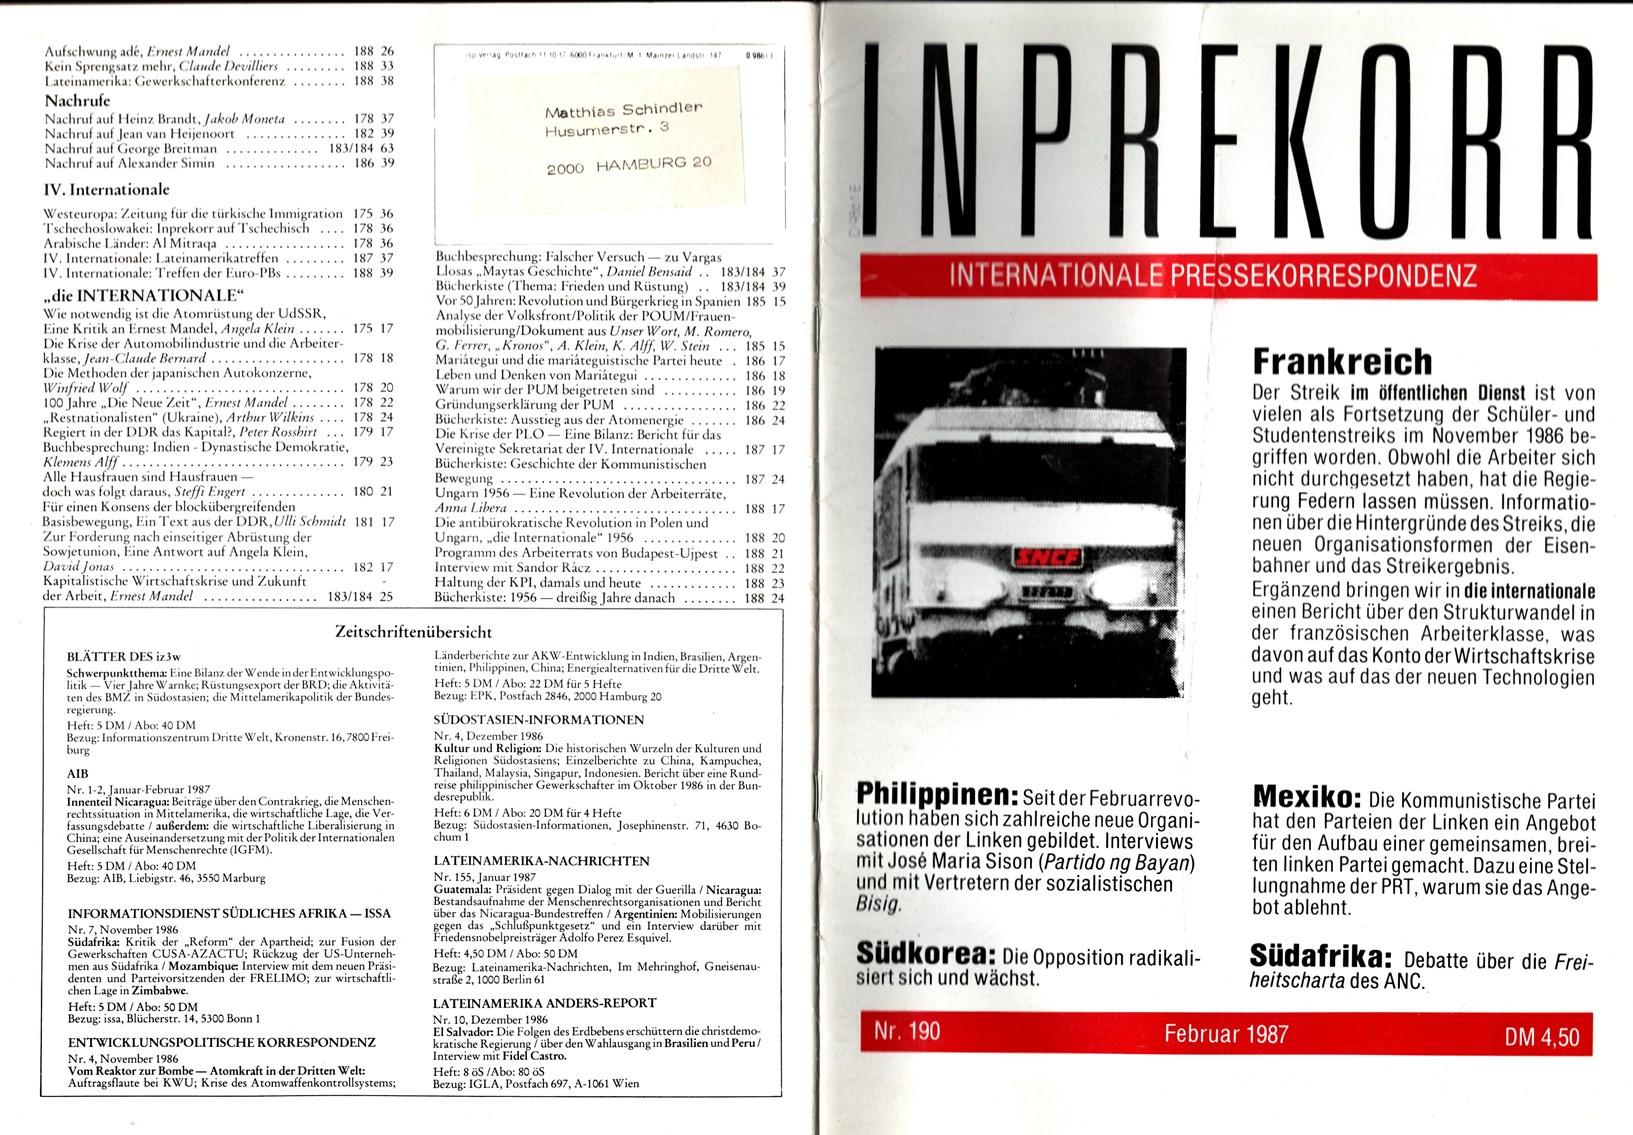 Inprekorr_19870200_190_001